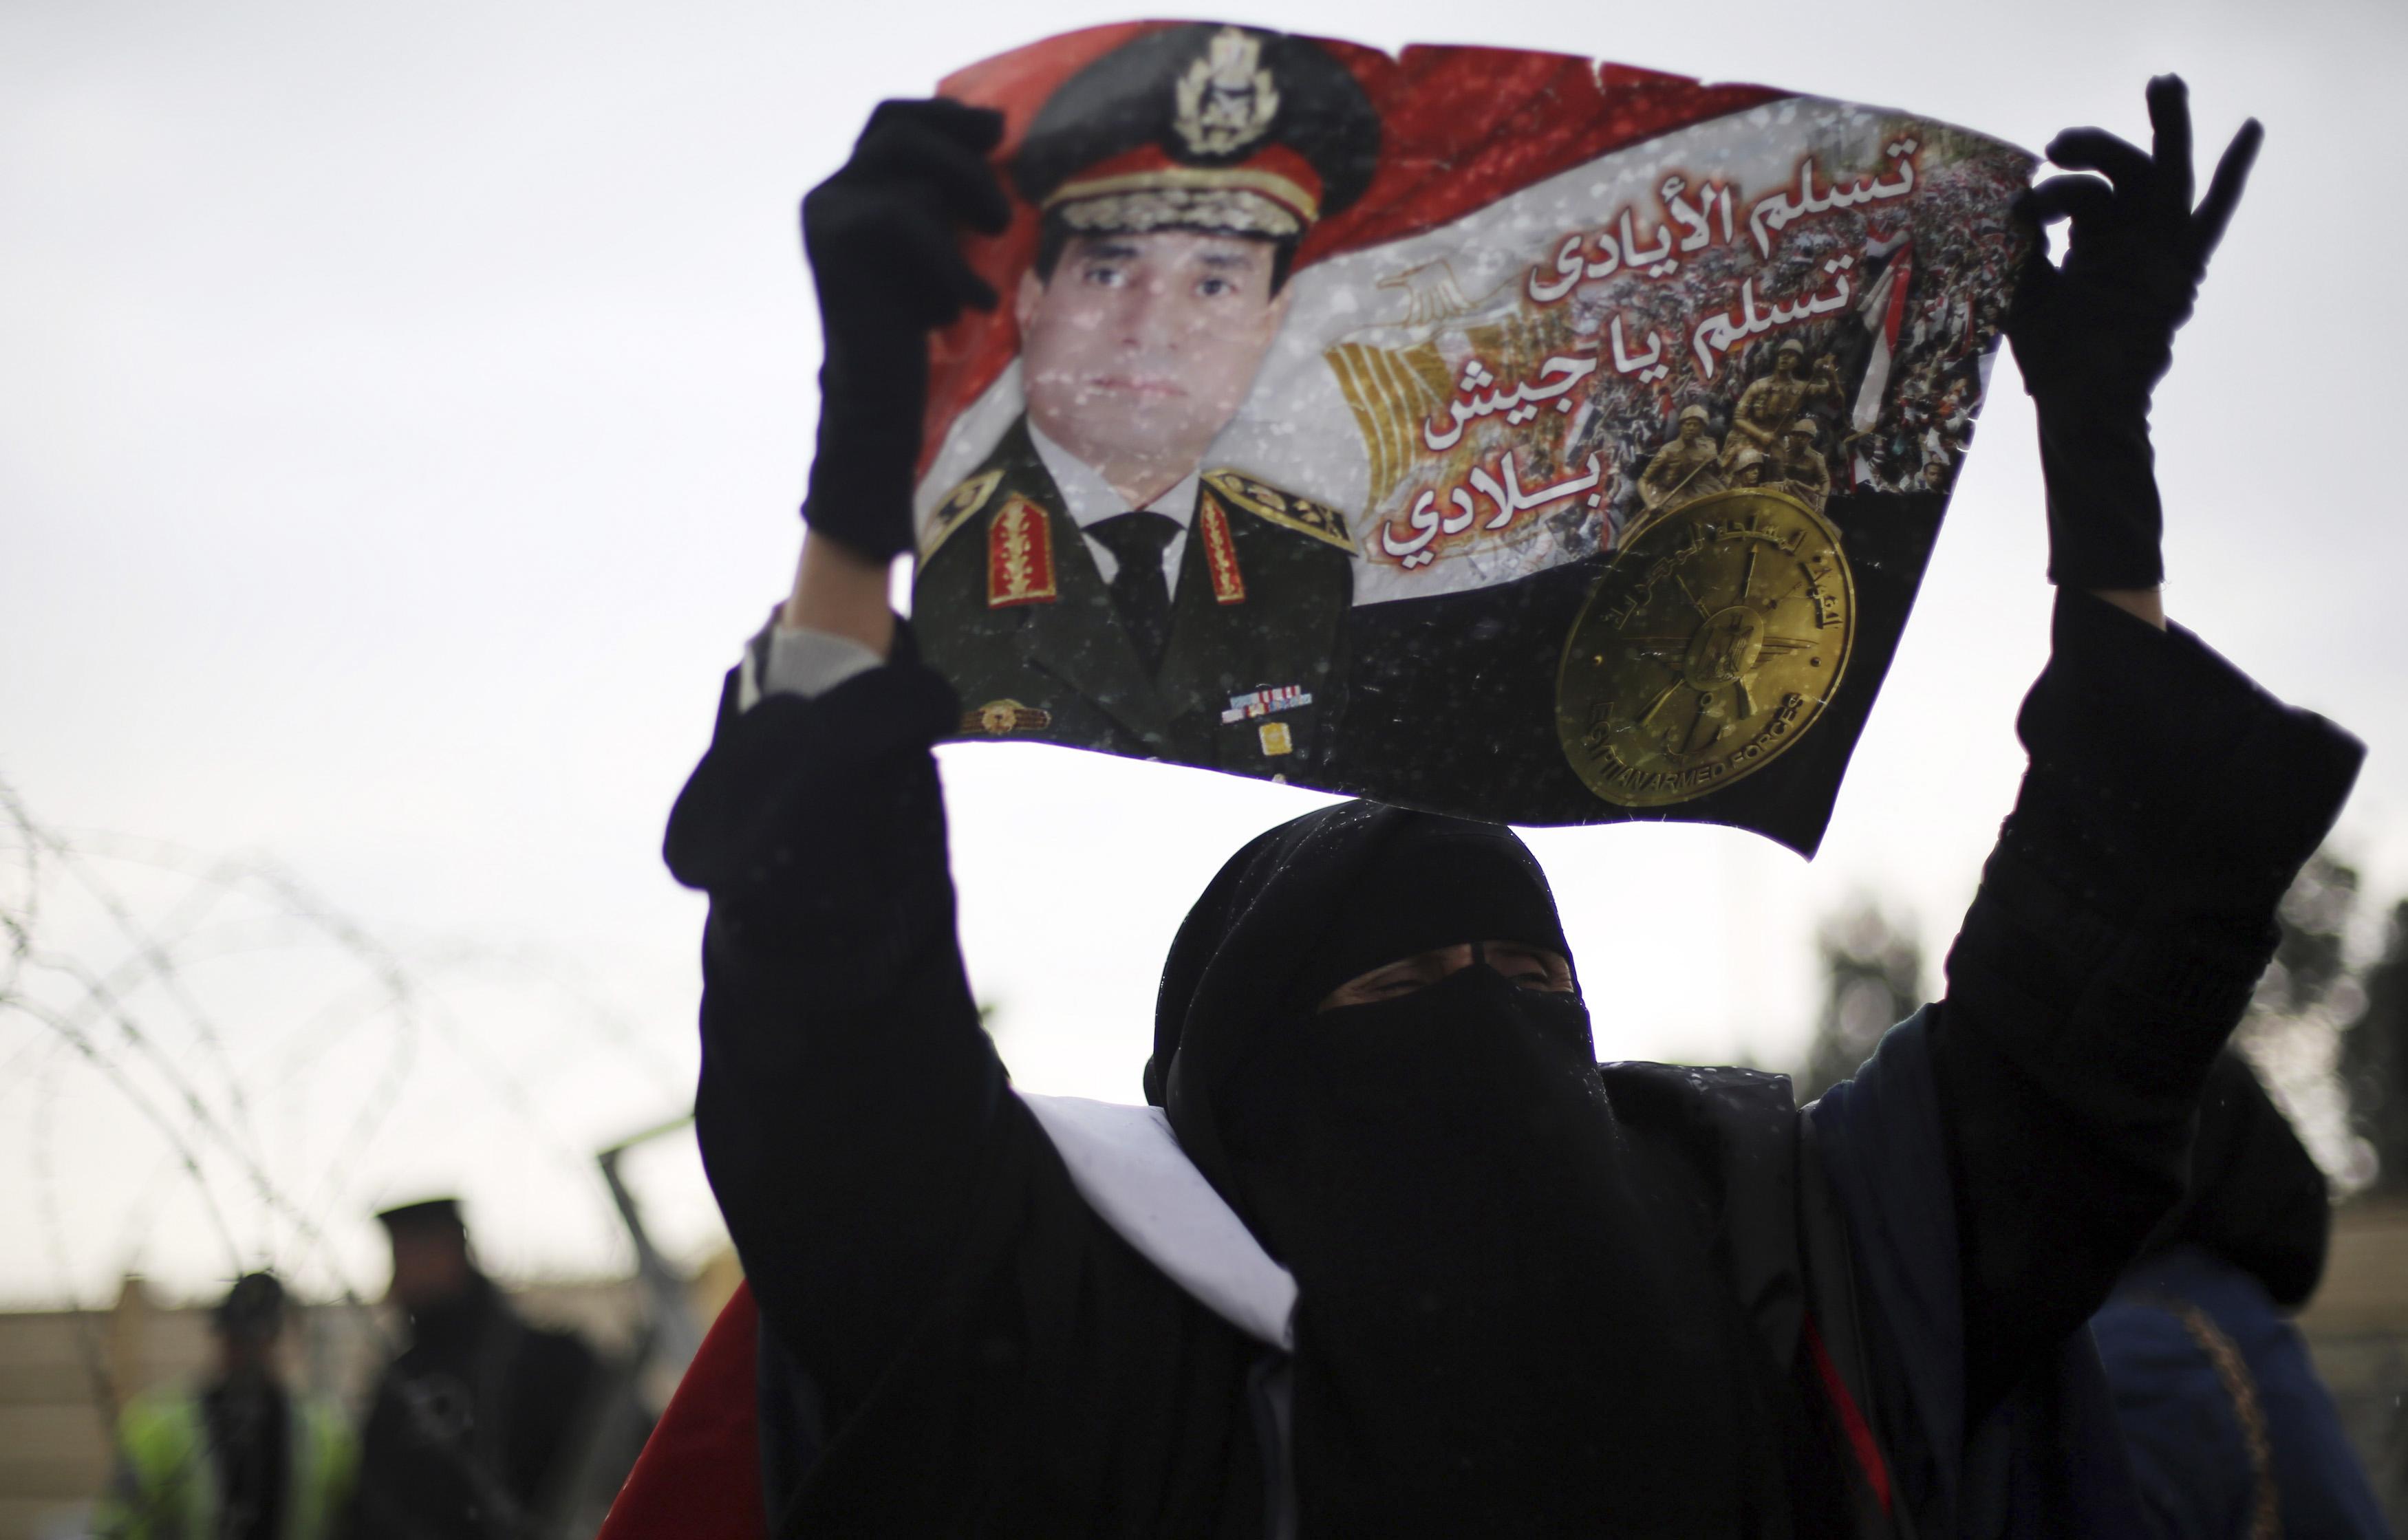 PROFILE l Abdel Fattah al-Sisi